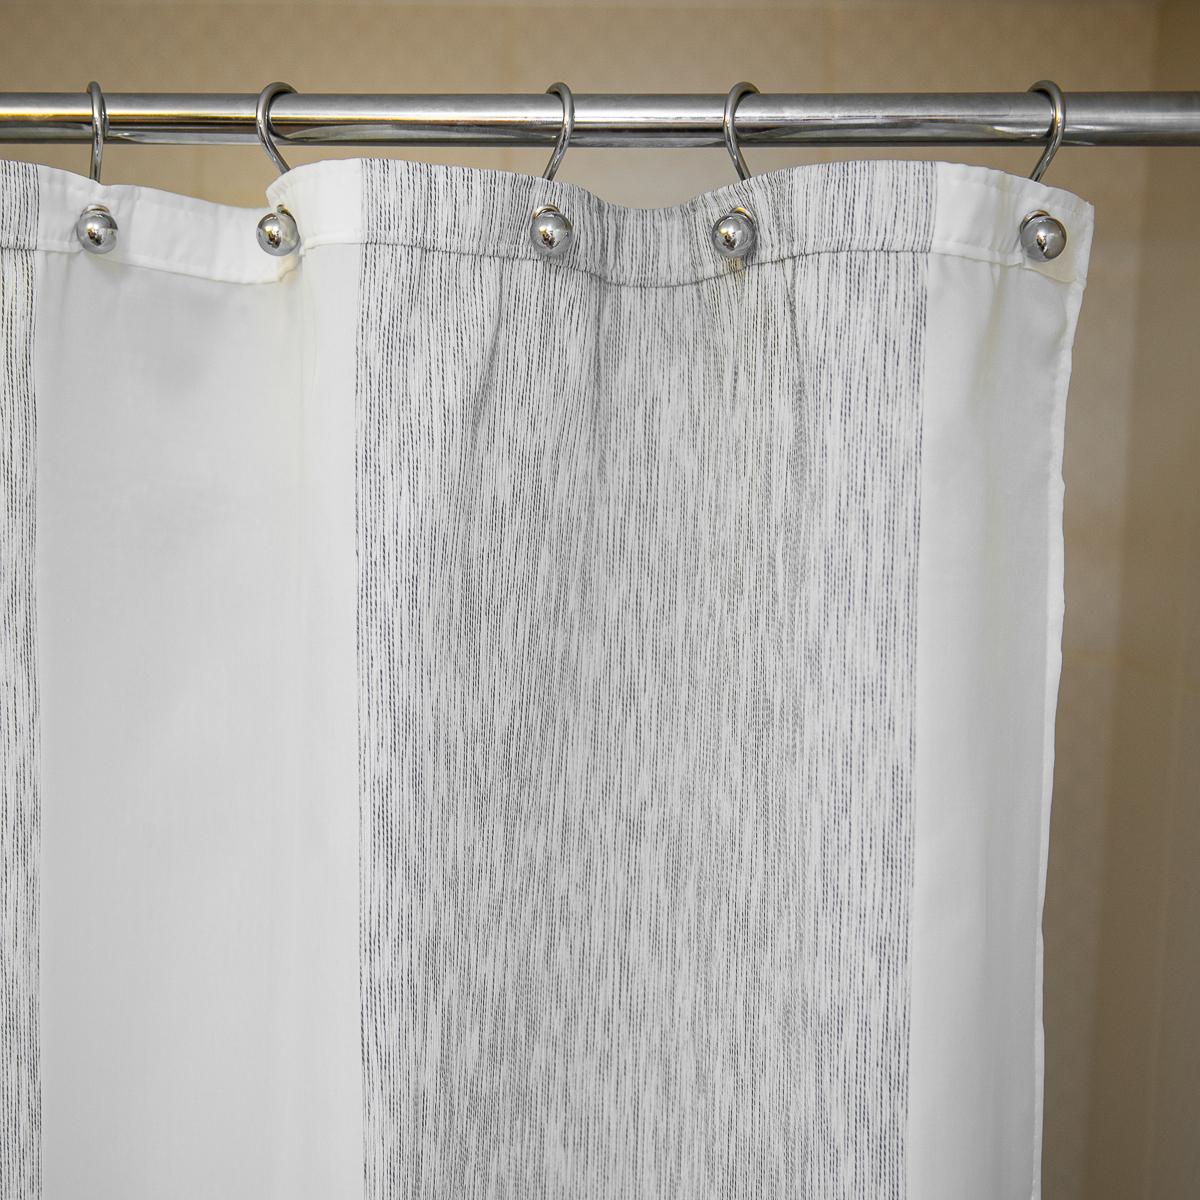 Шторки для ванной Шторка для ванной 180x200 Arti-Deco Estepona C. Black elitnaya-shtorka-dlya-vannoy-estepona-c-black-ot-arti-deco-ispaniya.jpg